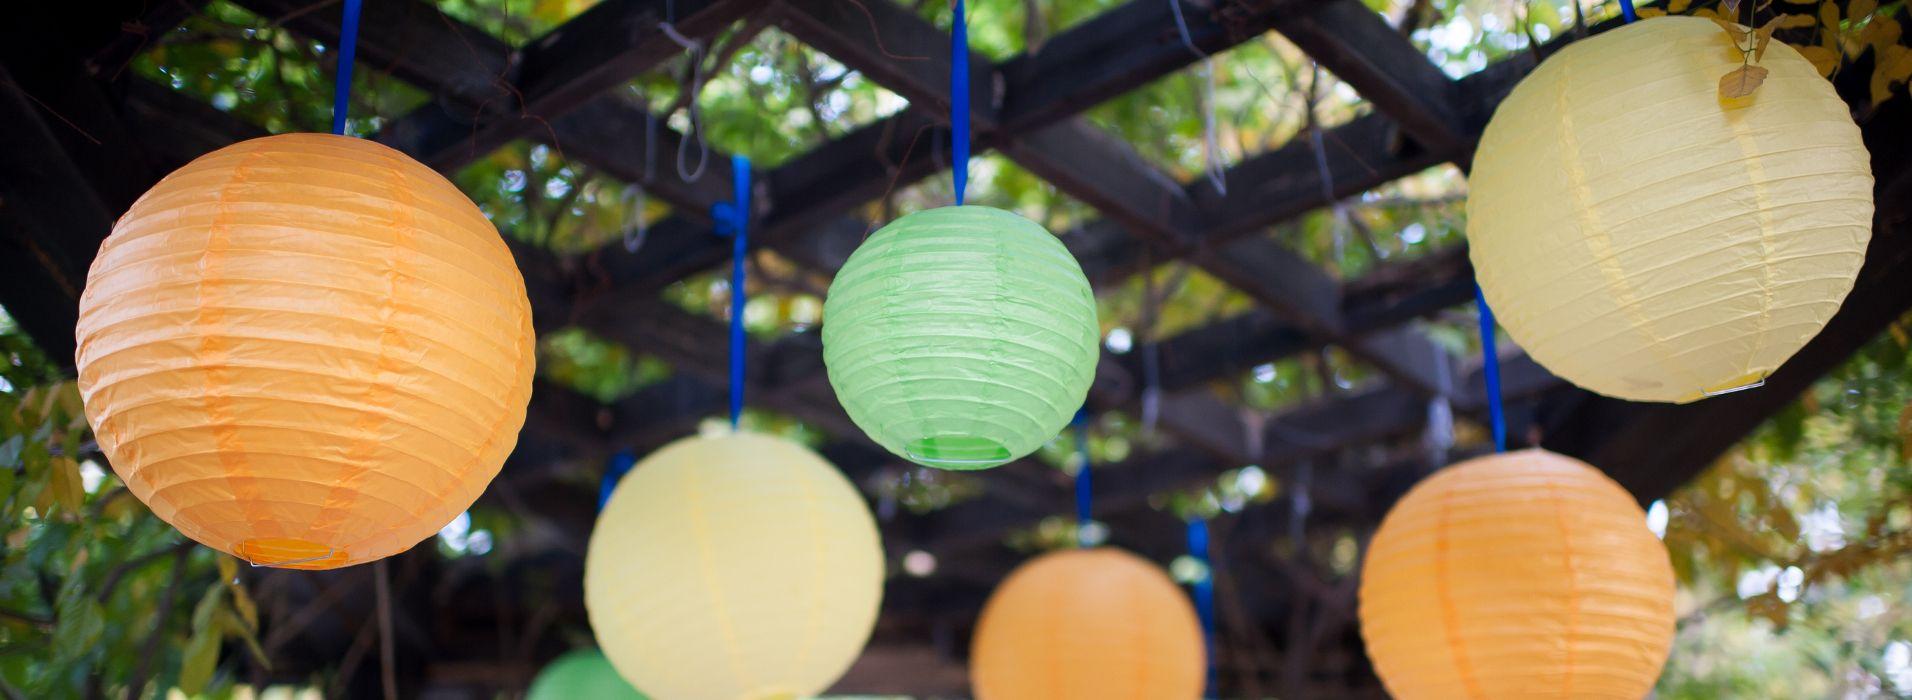 paper lanterns uk 39 s largest supplier of lanterns. Black Bedroom Furniture Sets. Home Design Ideas